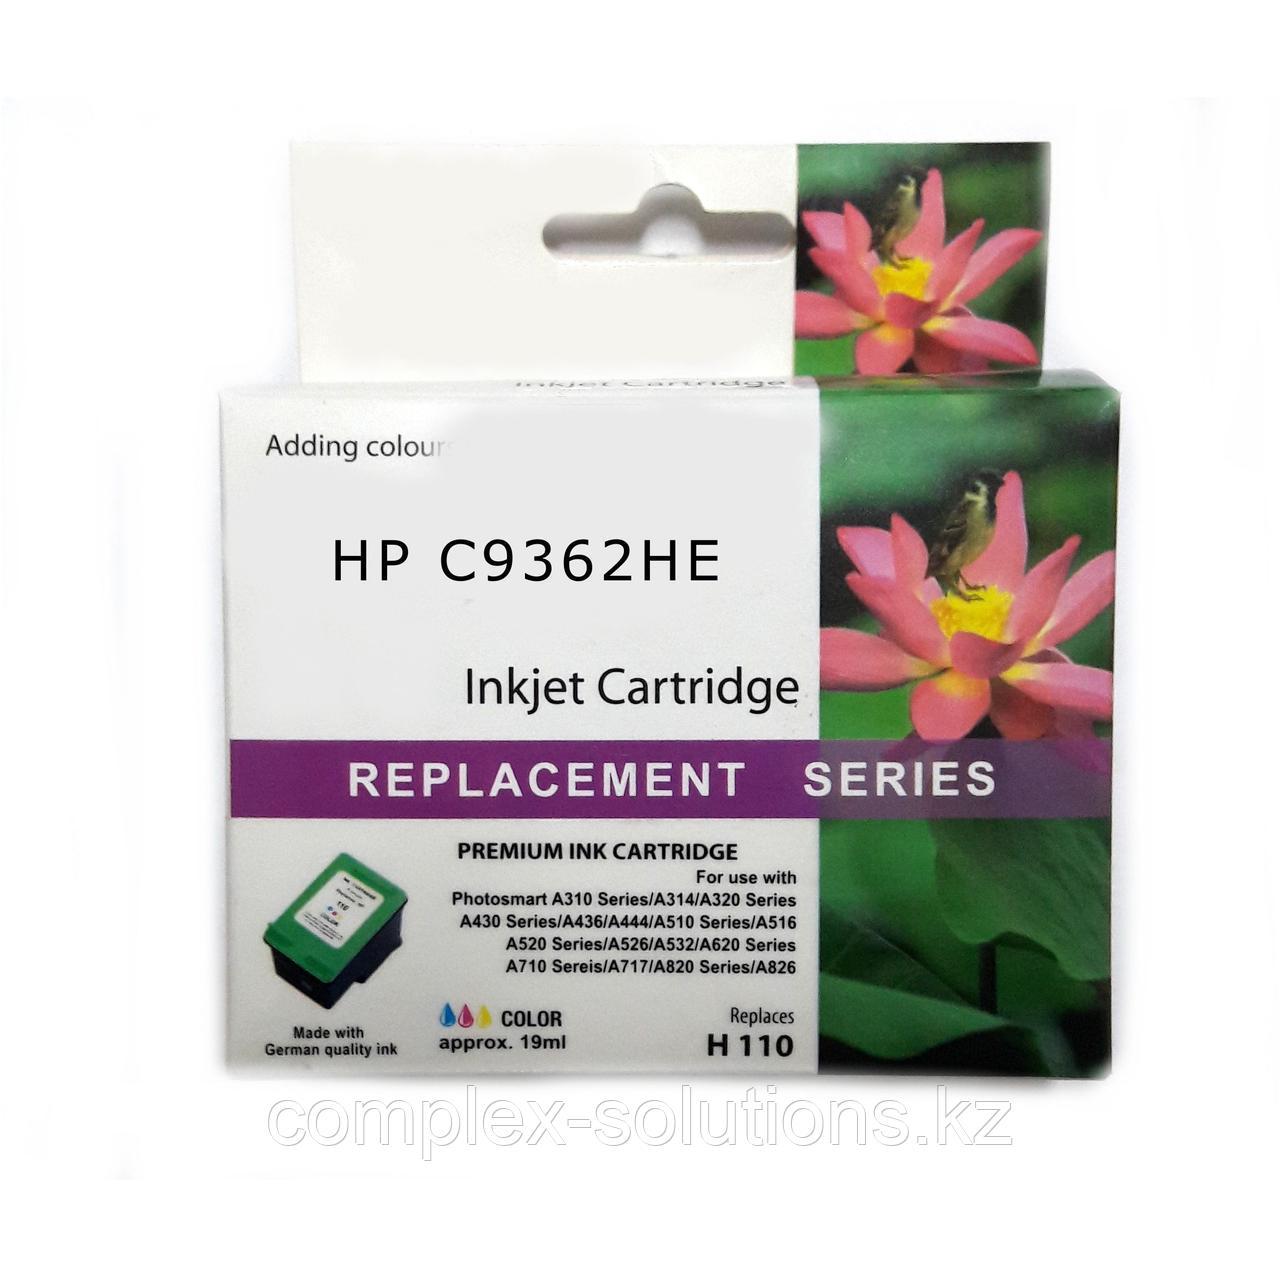 Картридж HP C9362HE Black,№132 JET TEK | [качественный дубликат]